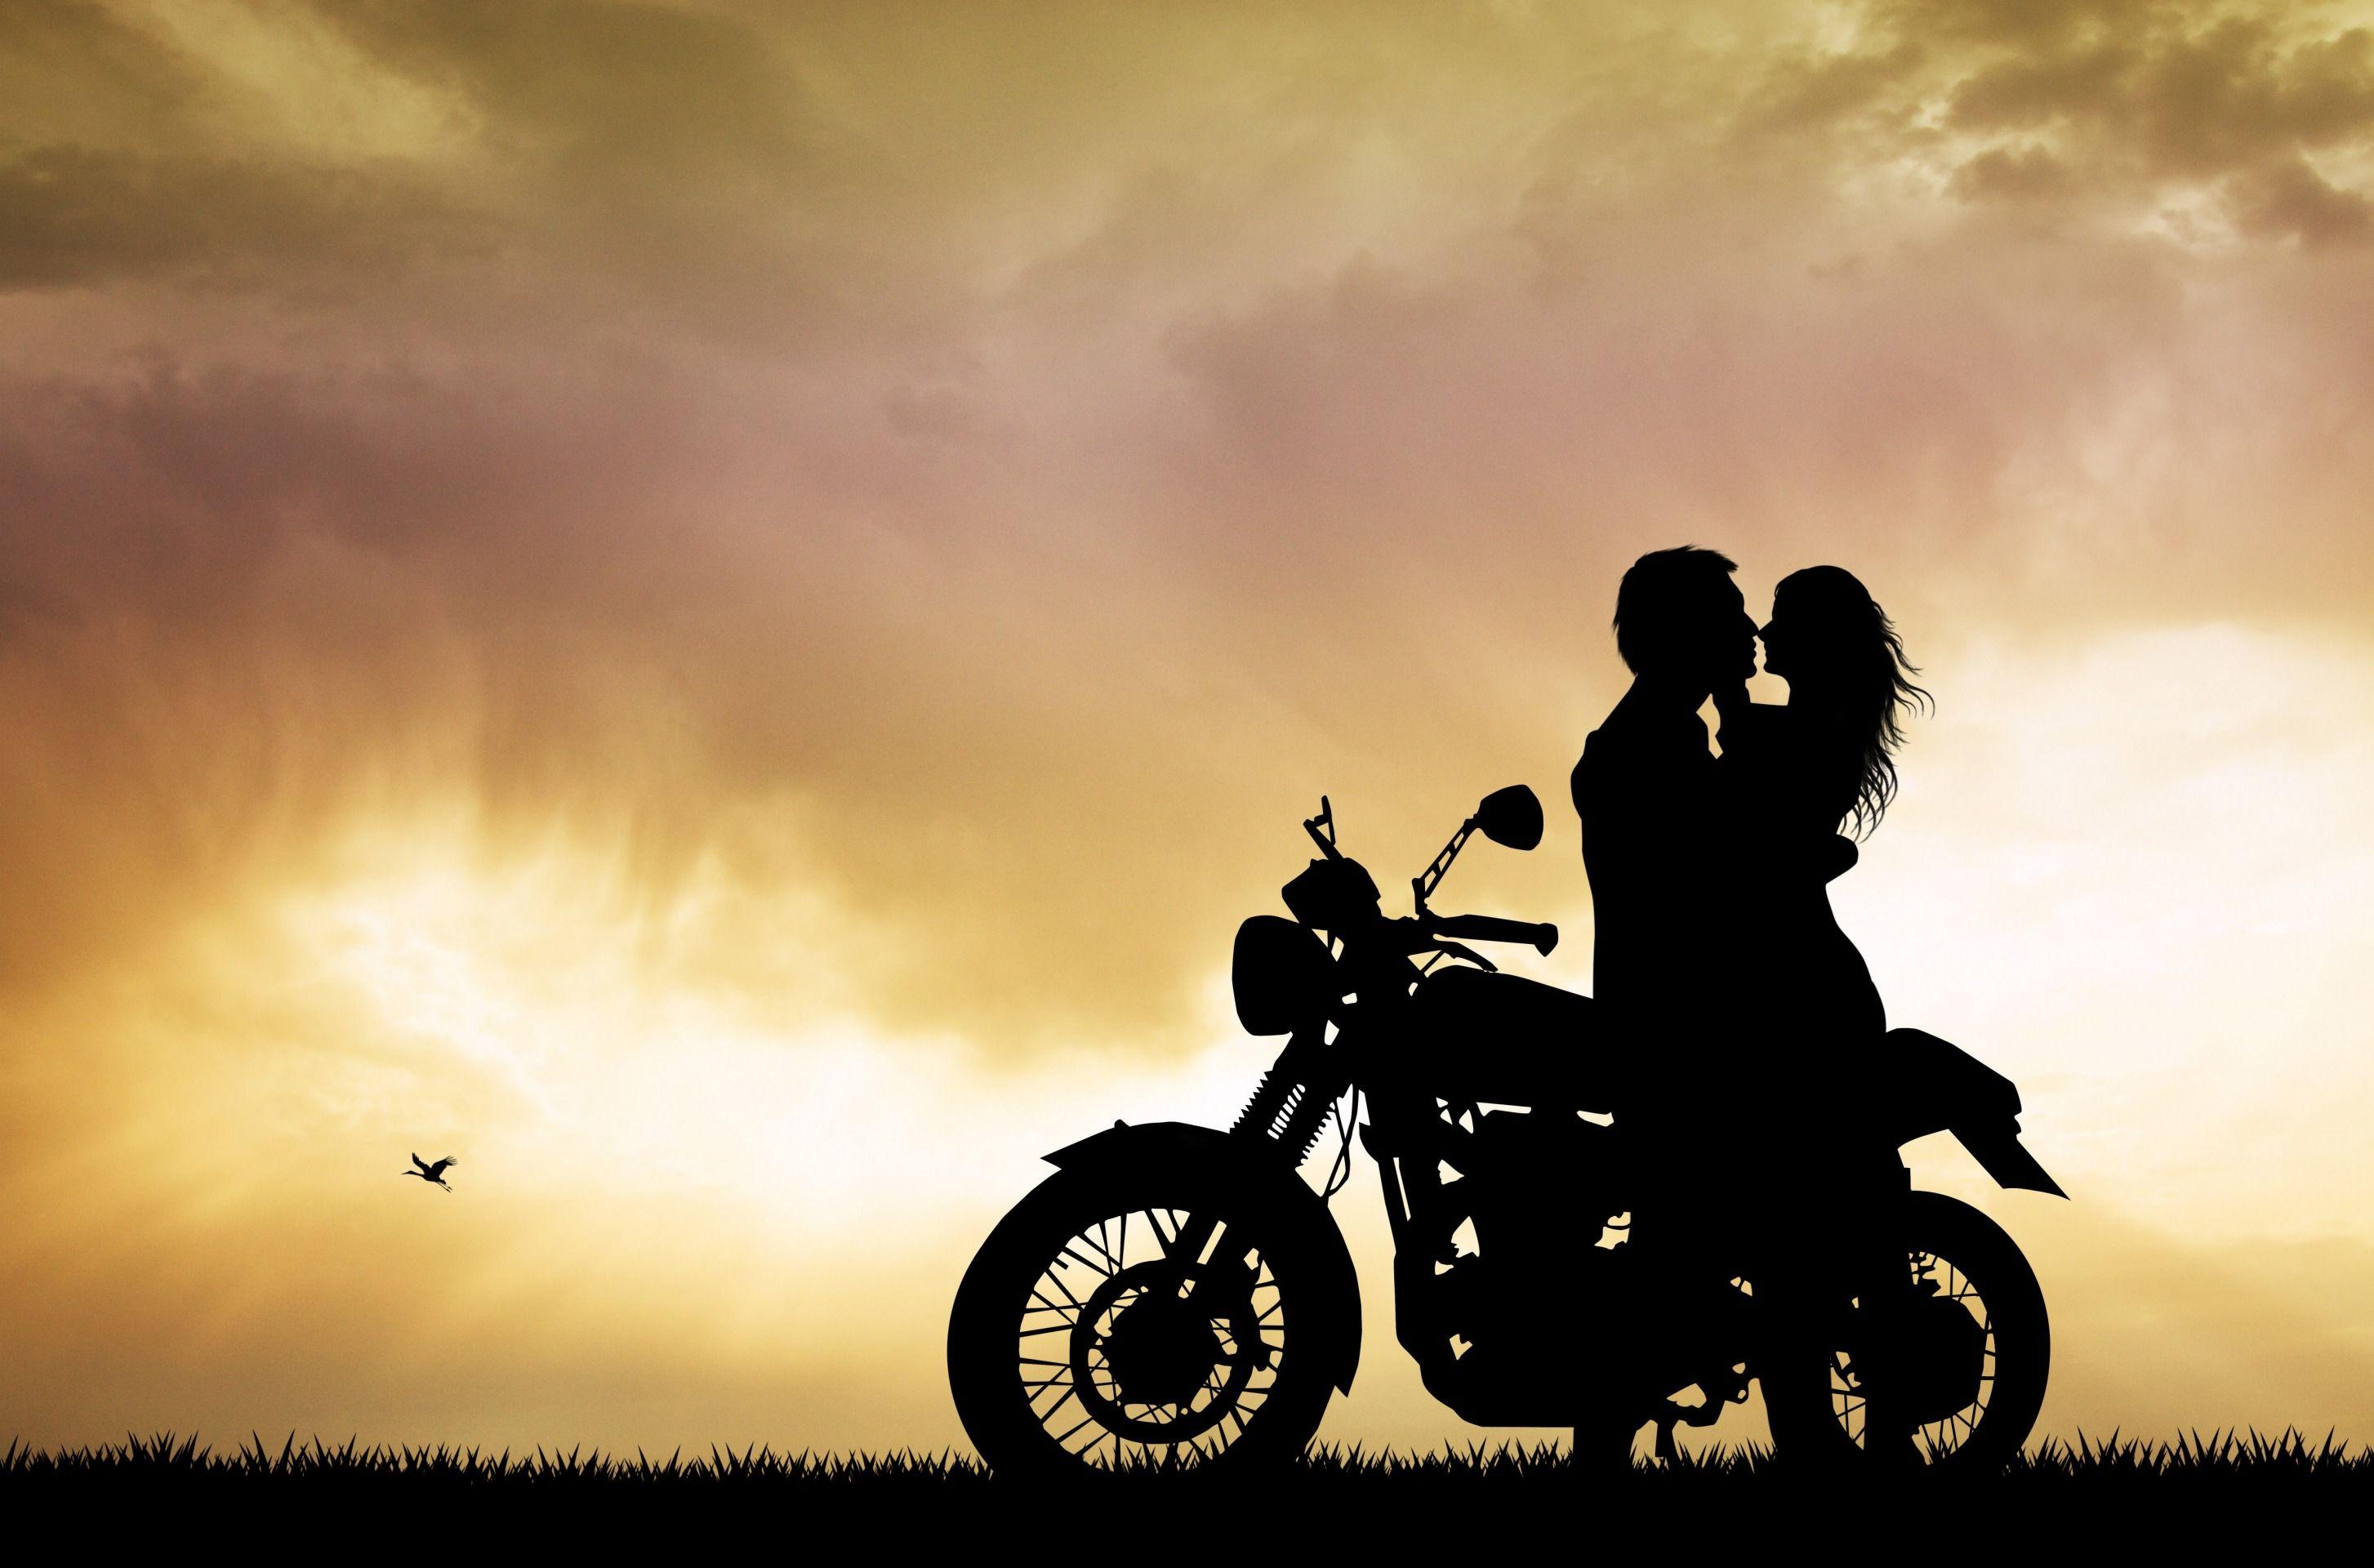 Download Wallpaper Summer Mood Romance The Evening Blur